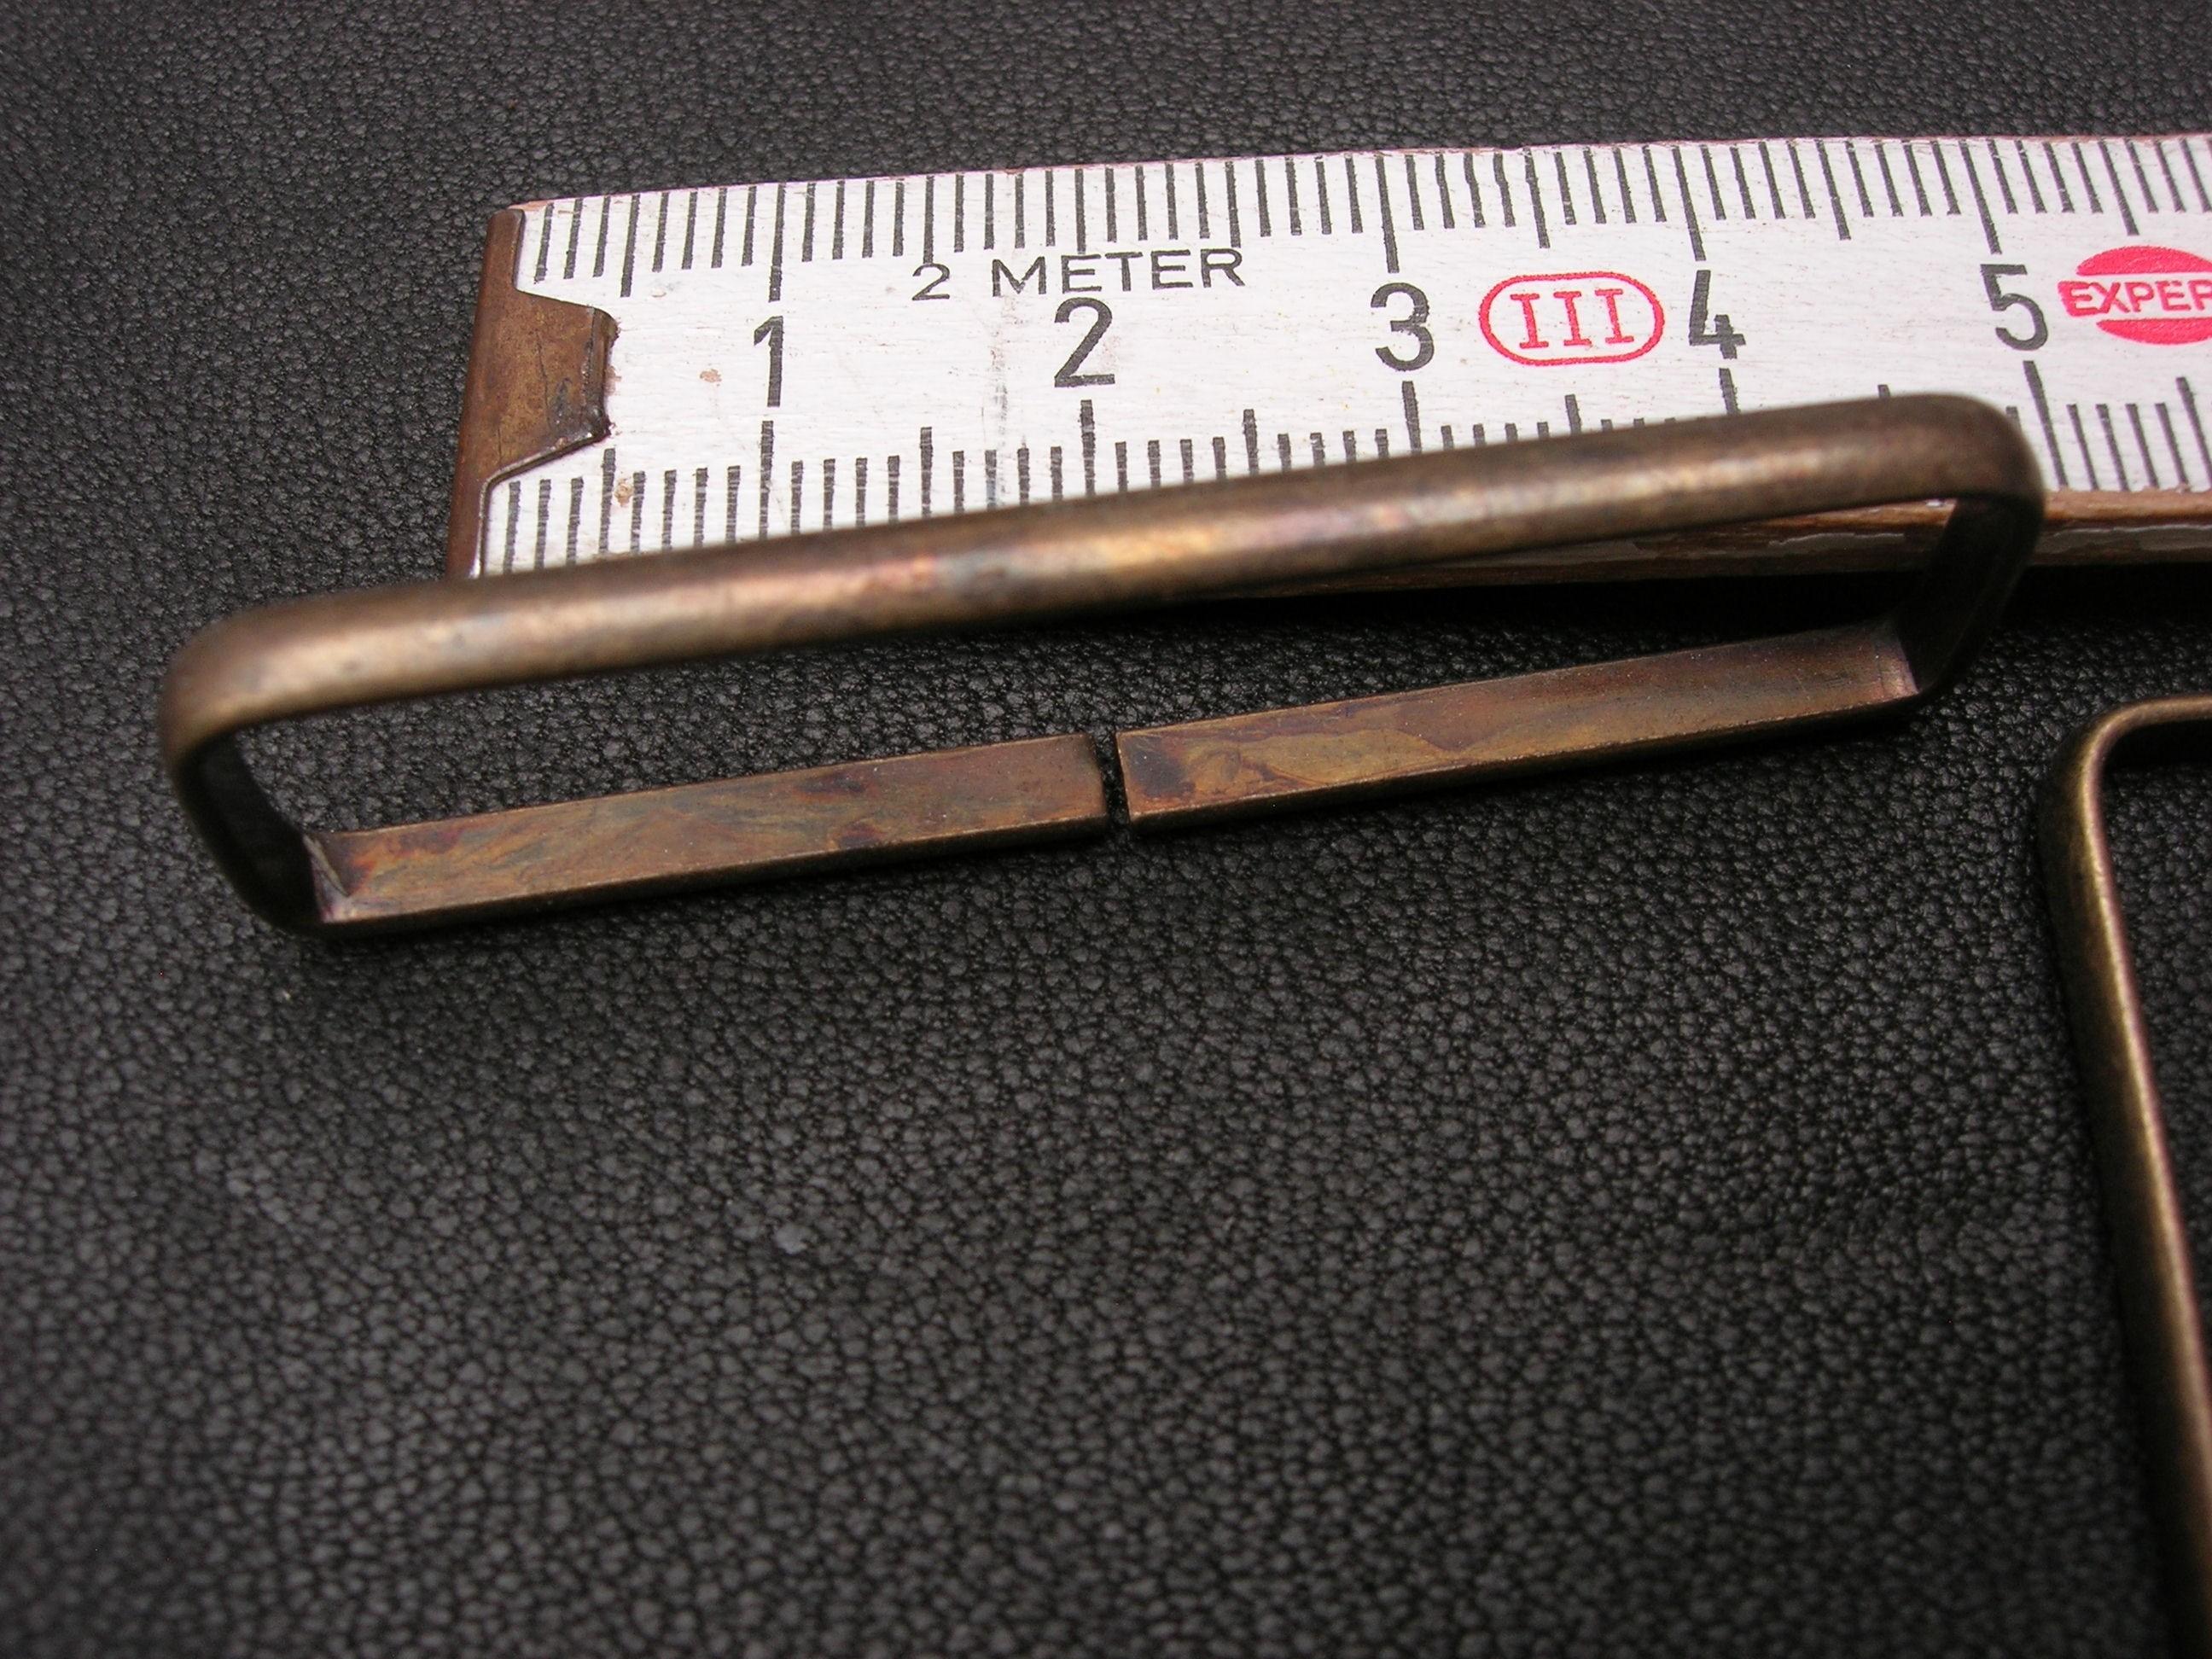 Schlaufen 5,0 cm altmessing (58/50)